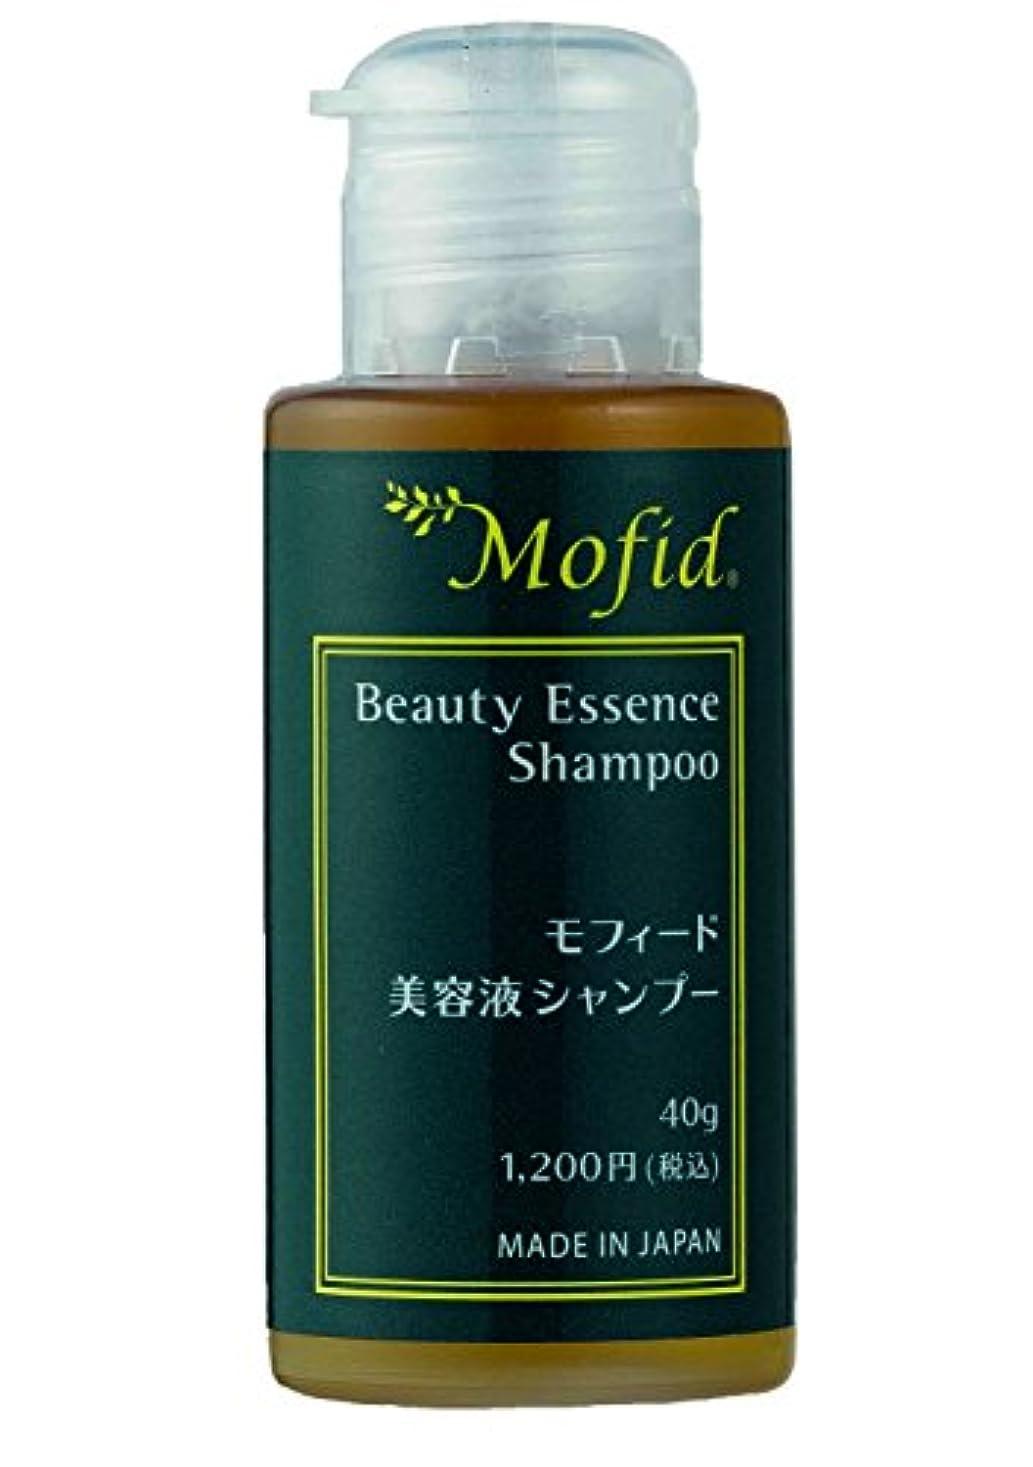 仲良し鮮やかな可決日本製 モフィード 美容液 シャンプー 40g 【ハラル Halal 認証 シャンプー】 Mofid Beauty Serum Shampoo